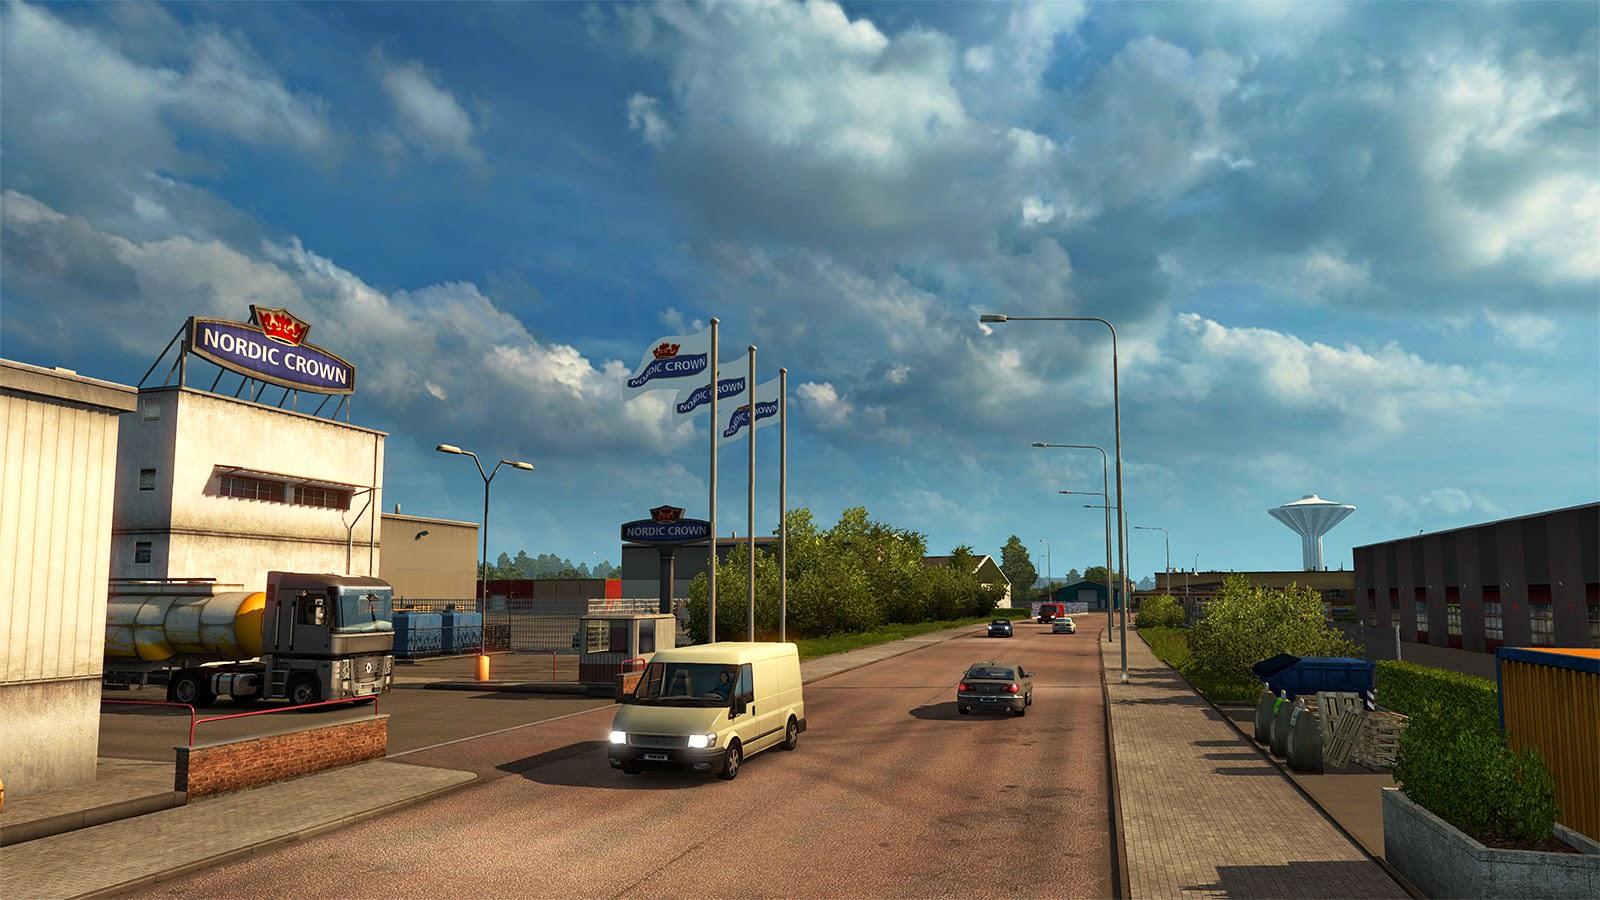 Скандинавия: окрестности города Эребру